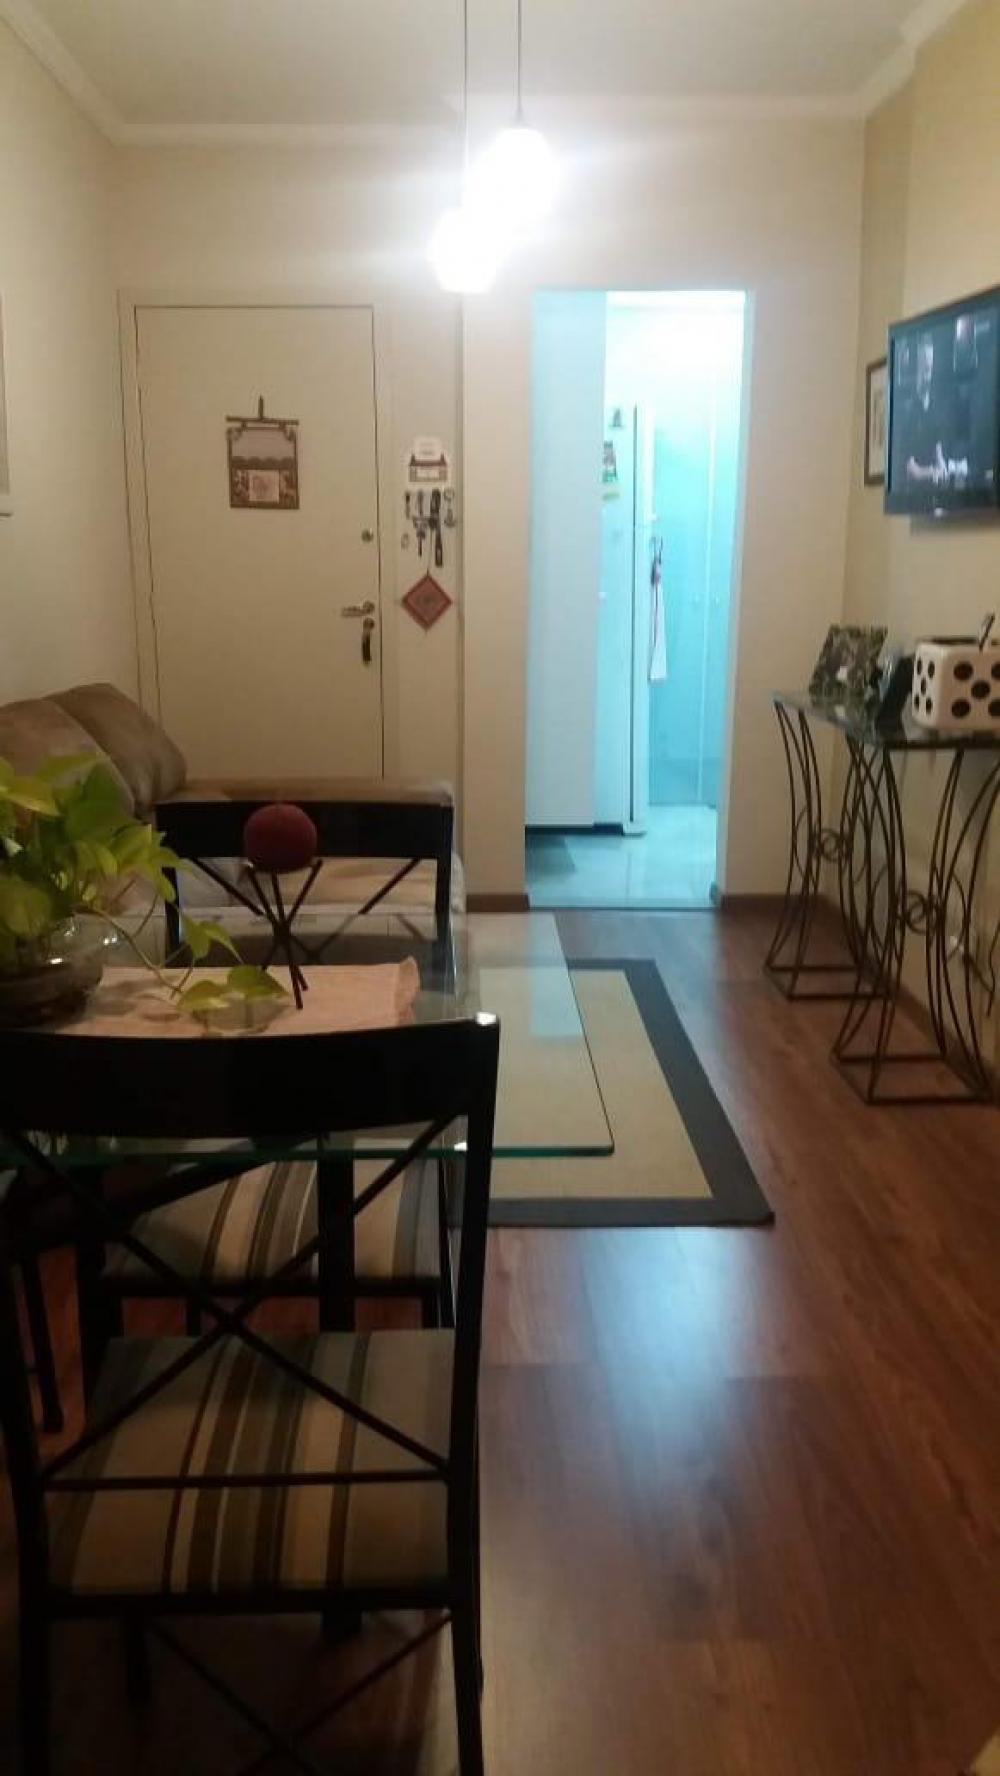 Excelente apartamento com sacada, sendo sala 2 ambientes com painel, 2 dormitórios (1 com armário), banheiro social com box e gabinete, cozinha planejada e área de serviço. Excelente acabamento e 1 vaga de garagem. Aceita financiamento e FGTS.